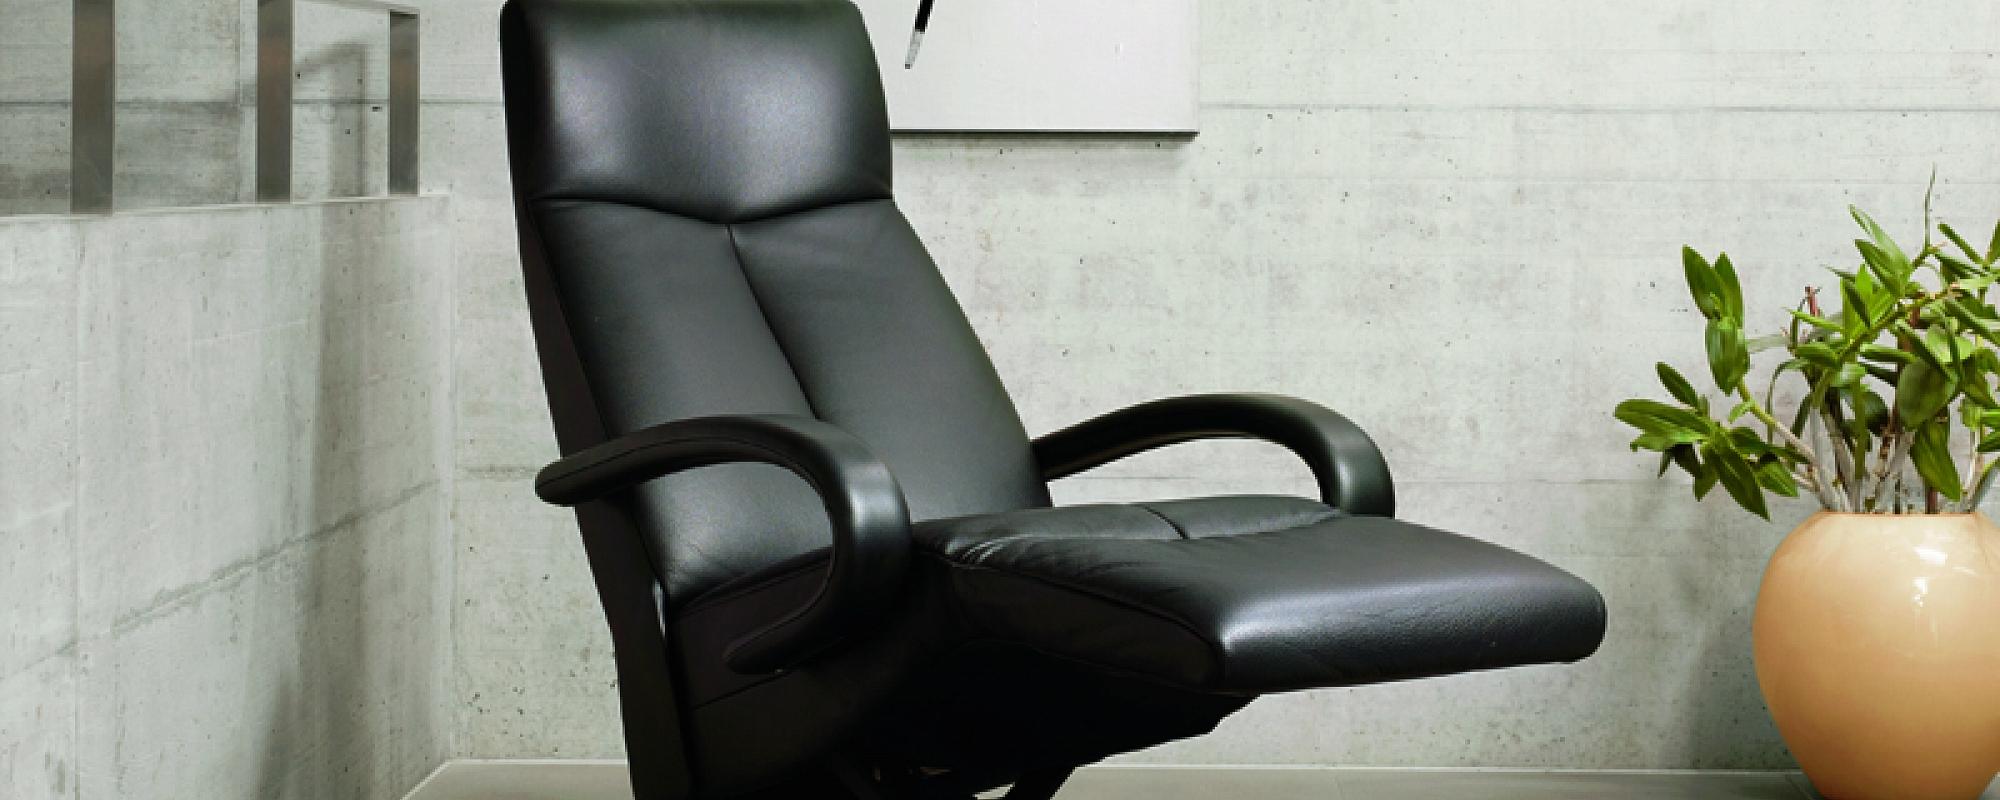 Trachtner Möbel Basel